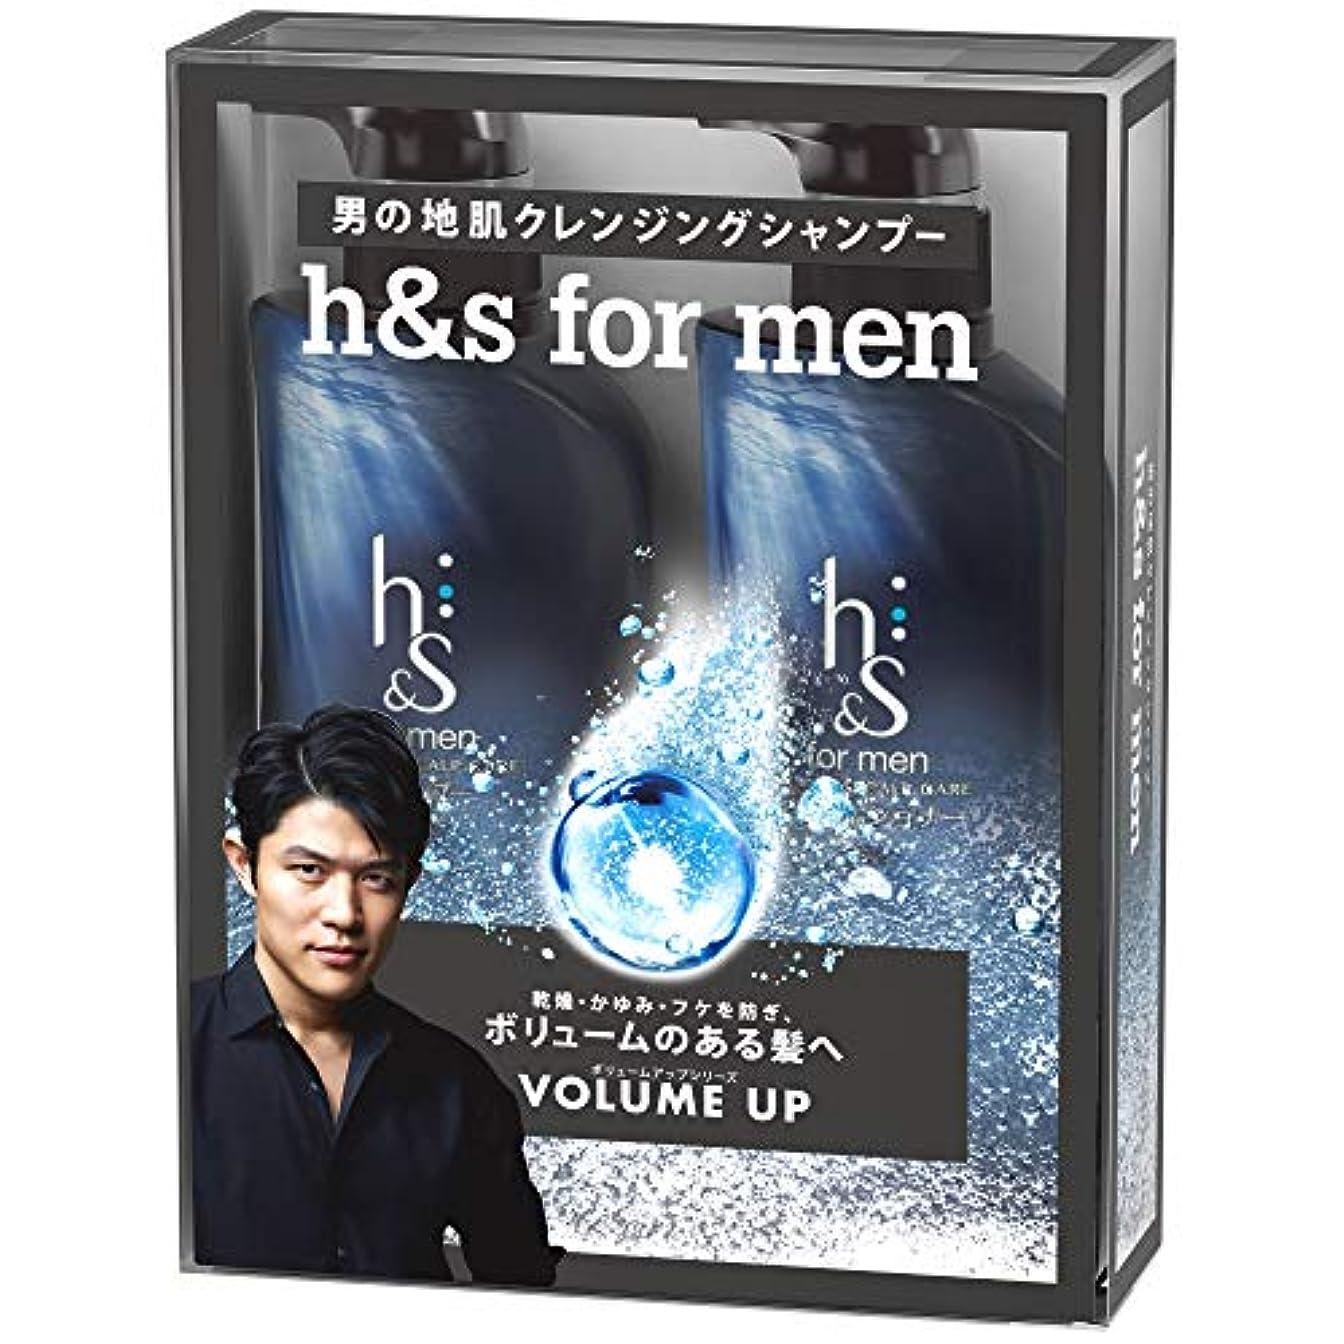 盗難アレルギー性消毒するh&s for men セット ボリュームアップ ポンプ シャンプー 370mL コンディショナー 370g